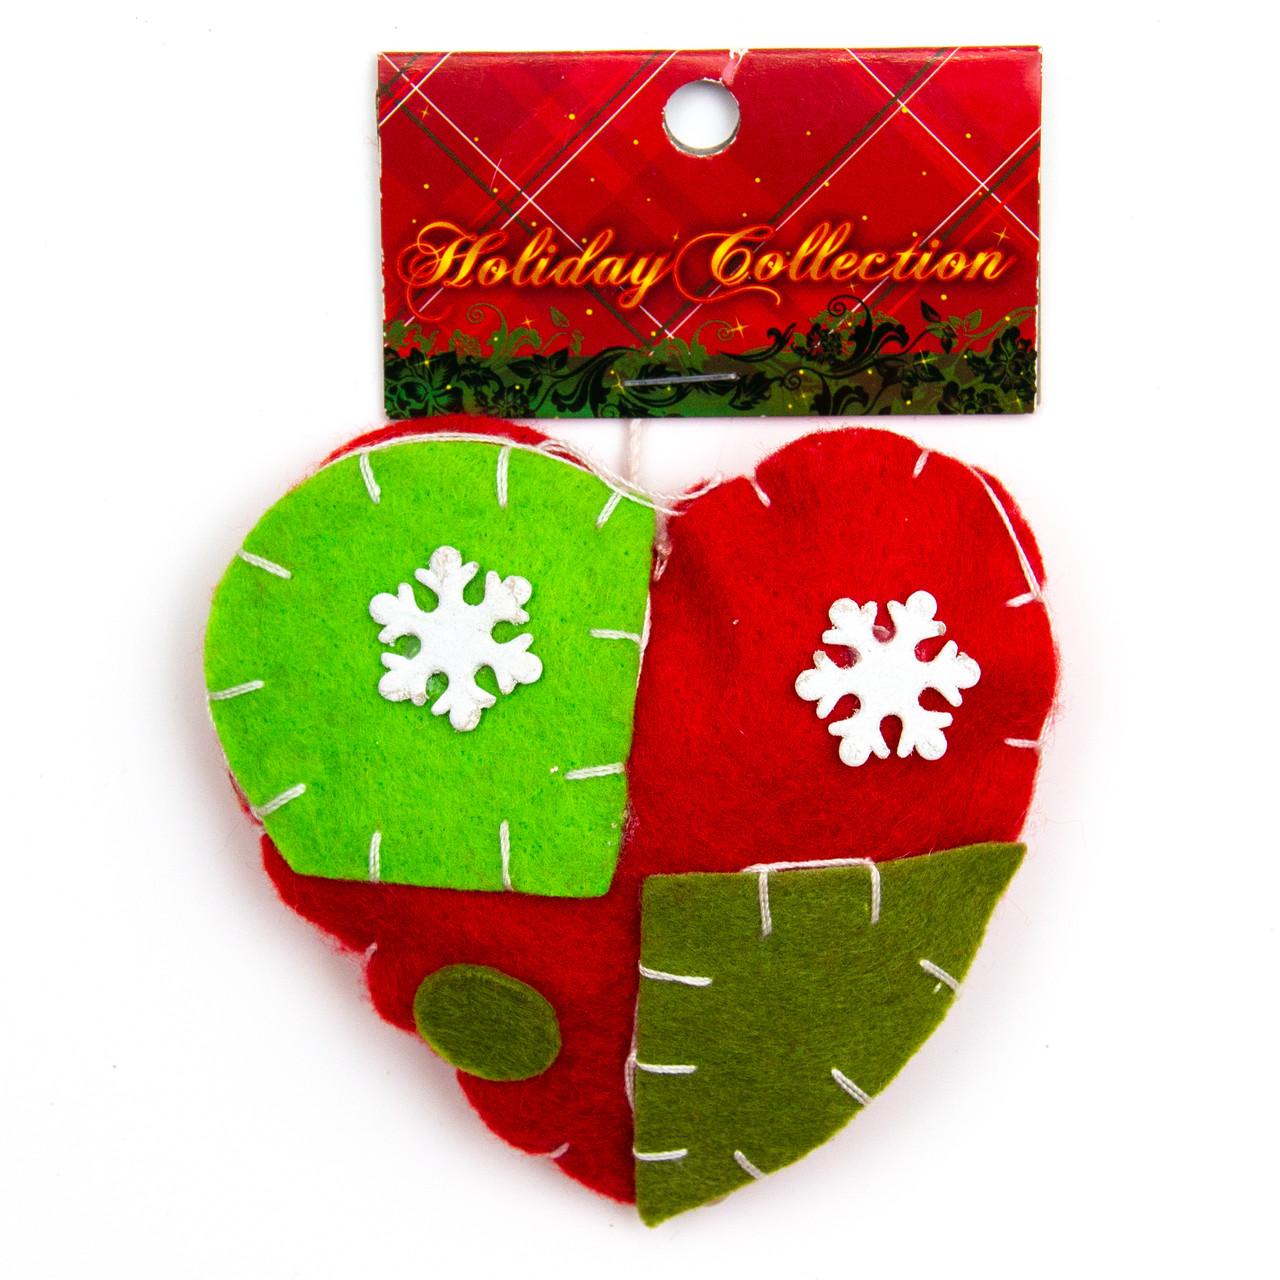 Елочная игрушка сувенирная фигурка из войлока, сердце, 12см (000425-3)